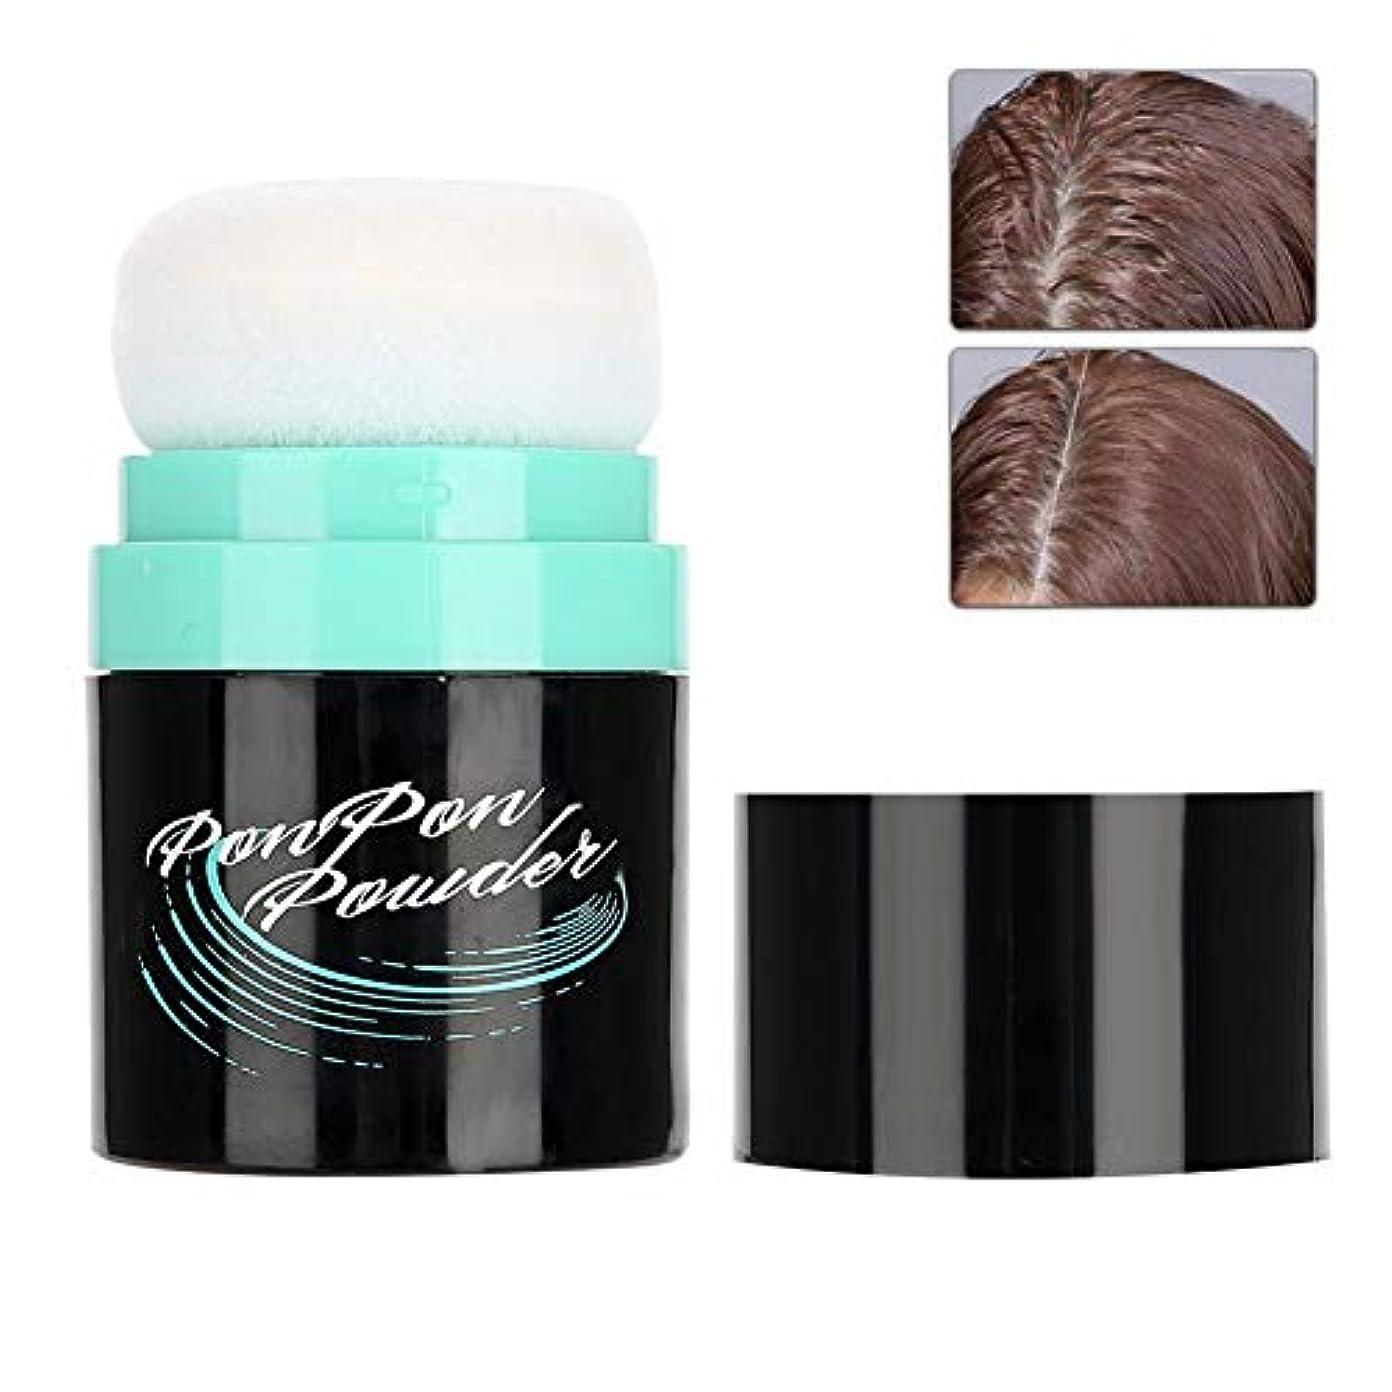 法的関連する試みるSemme髪ふわふわパウダー、ポータブルユニセックス増加スタイリングボリューム髪艶消しパウダーをモデリングキャプチャ